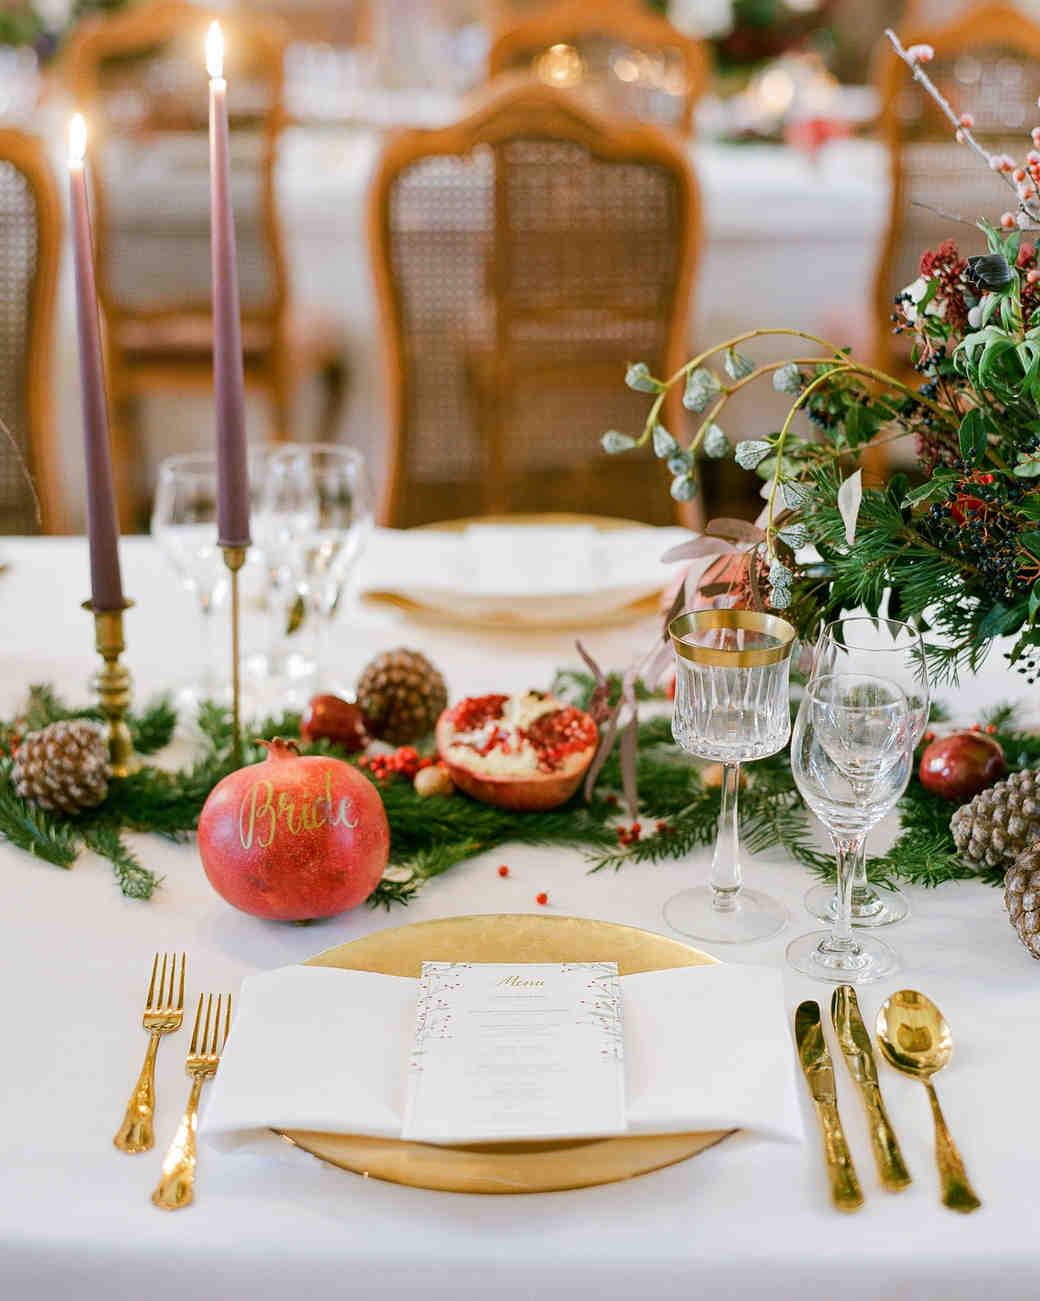 winter wedding centerpieces that nod to the season martha stewart rh marthastewartweddings com winter table decorating ideas winter wonderland table centerpieces